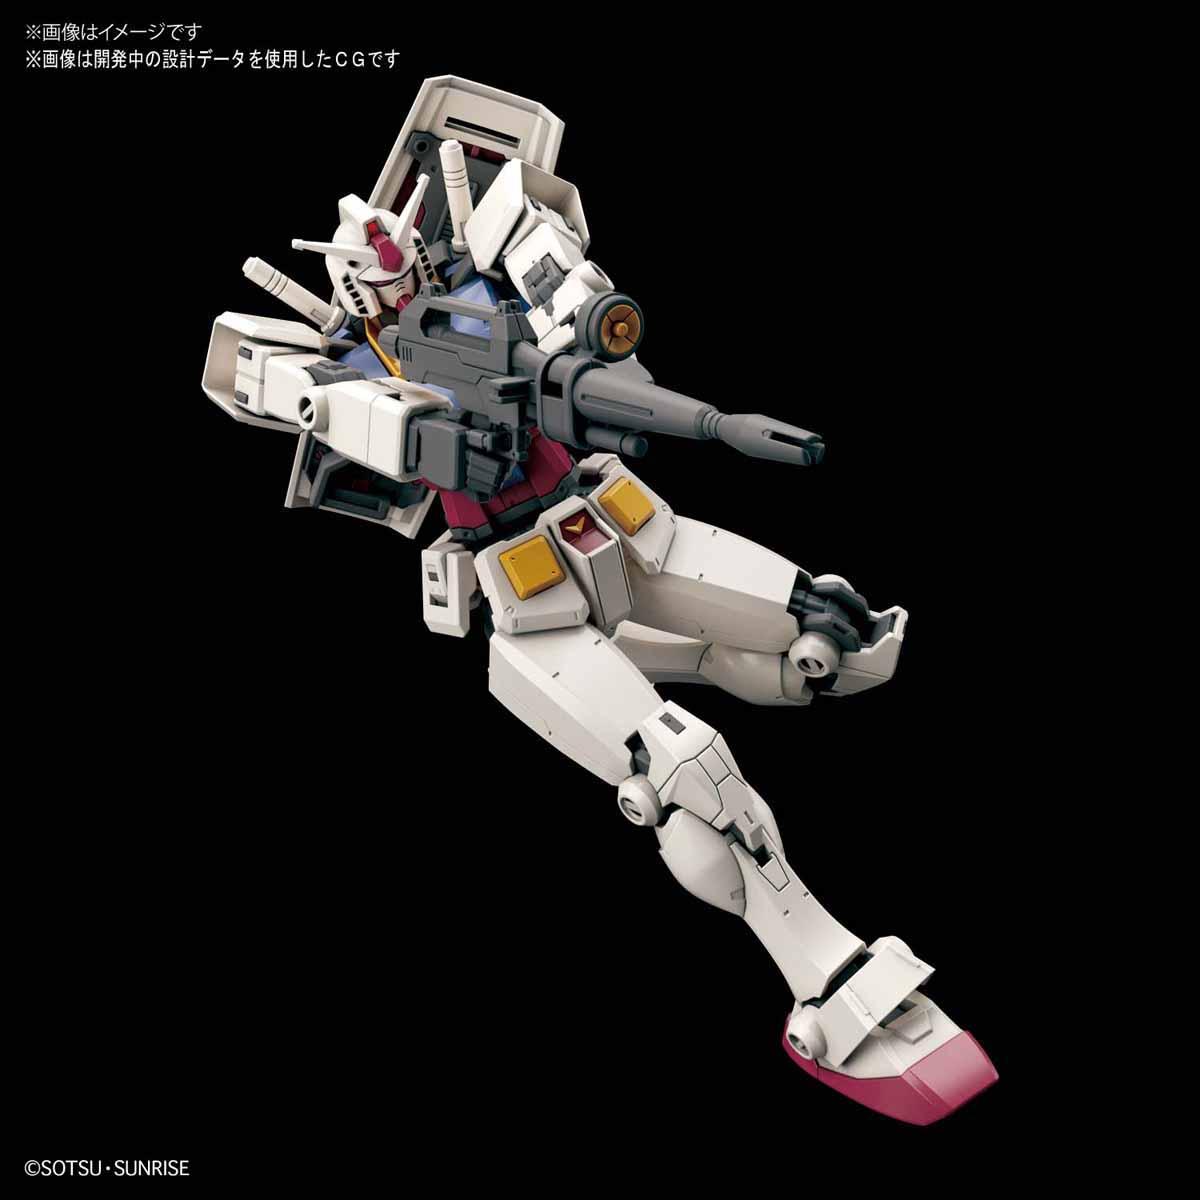 【再販】HG 1/144『RX-78-2 ガンダム[BEYOND GLOBAL]』プラモデル-002